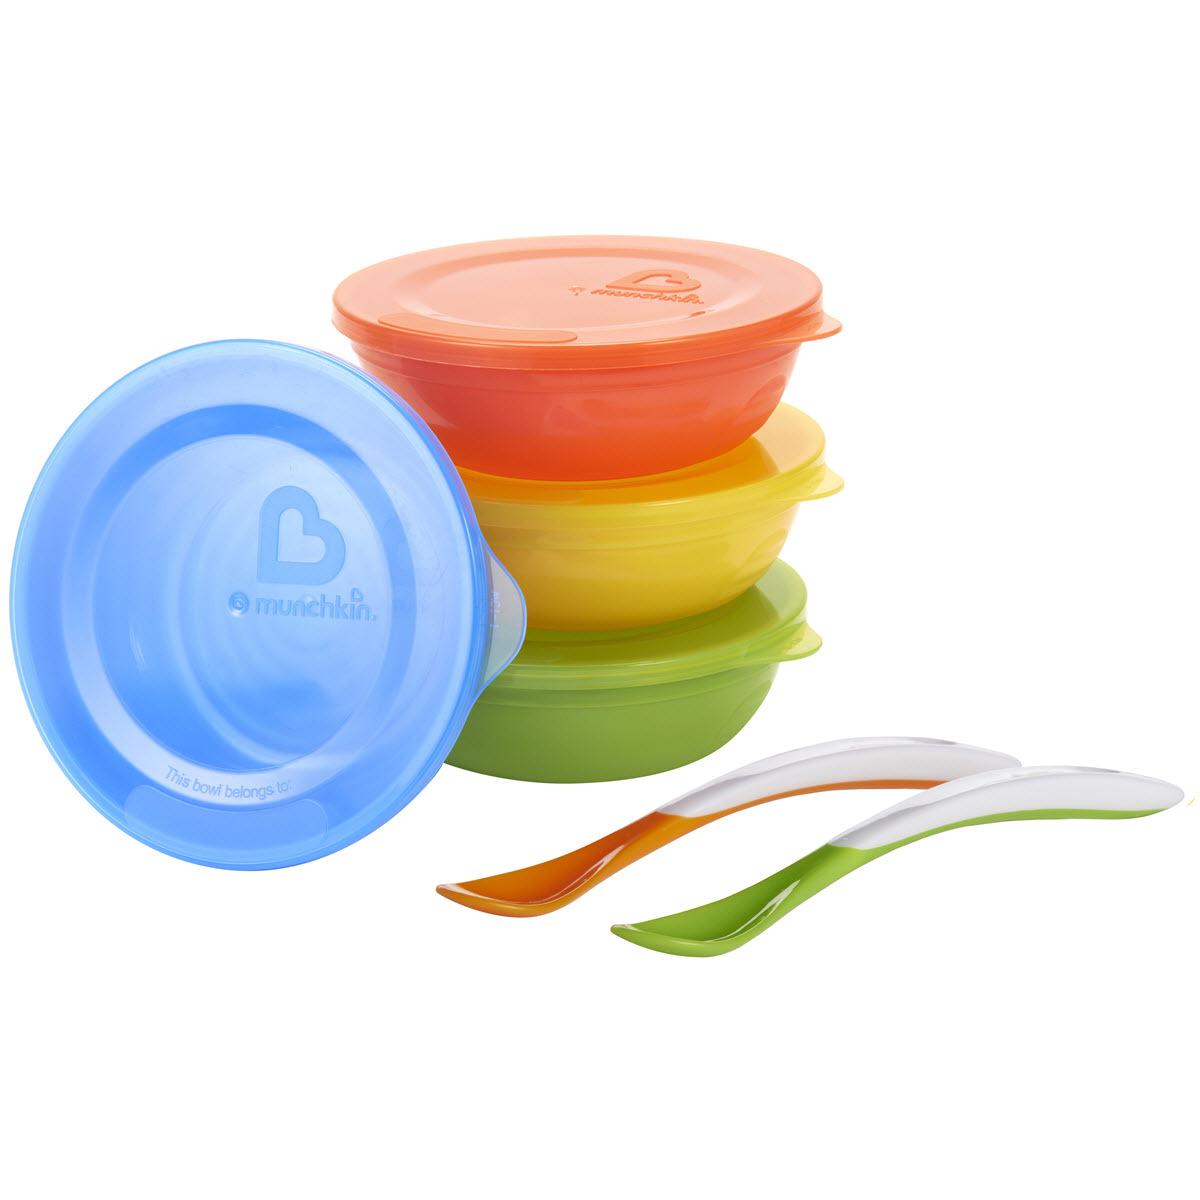 Μπωλ με καπάκια & κουτάλια Love-a-bowl Munchkin